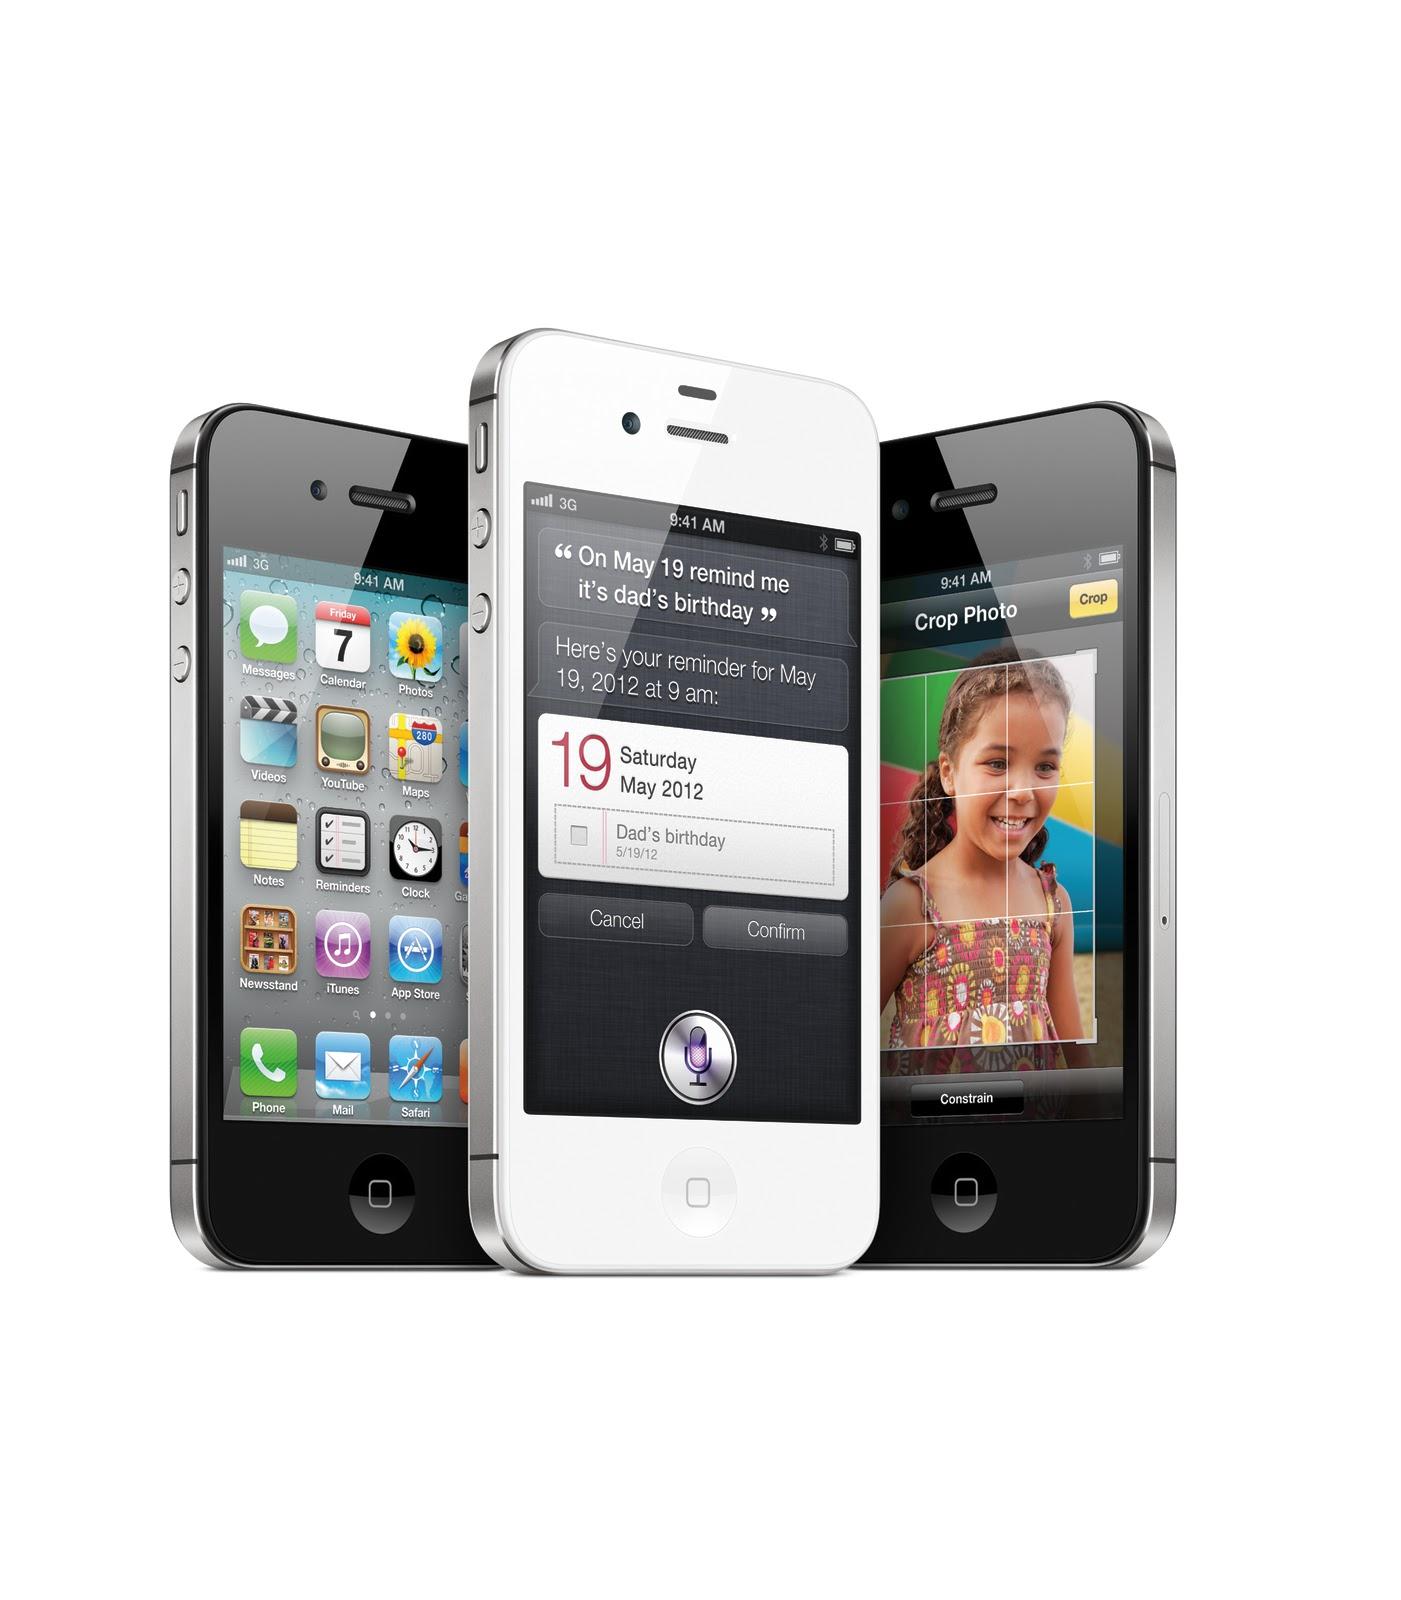 http://4.bp.blogspot.com/-r6z2Cwj51x4/TpXeYBZy8MI/AAAAAAAAAXw/Fk9_5mN-4_I/s1600/iPhone4s__Siri.jpg